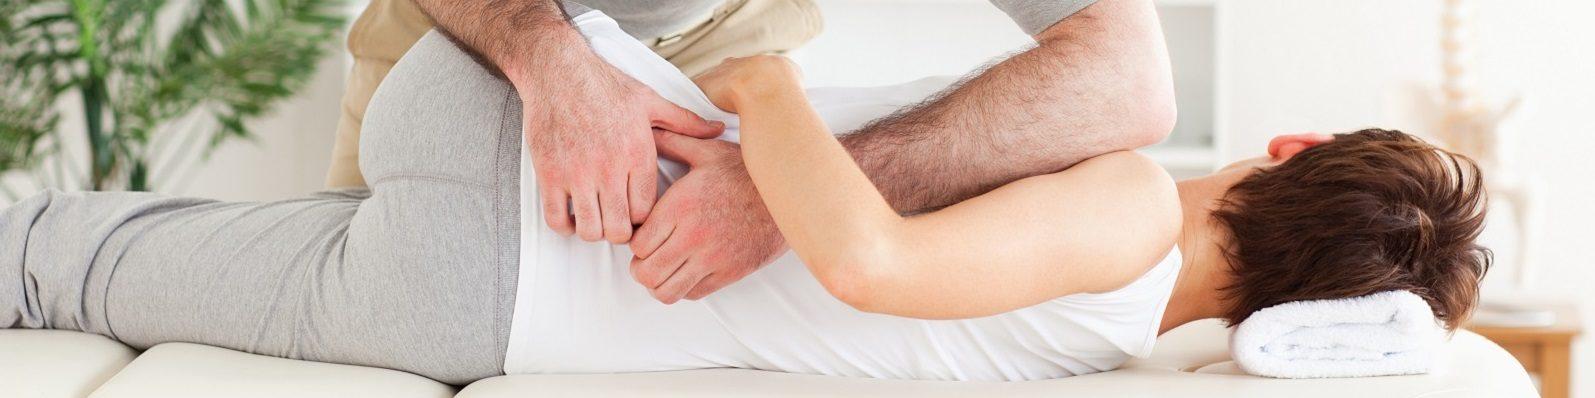 manueel-therapeut-eindhoven-rugpijn-fysiotherapie-strijp